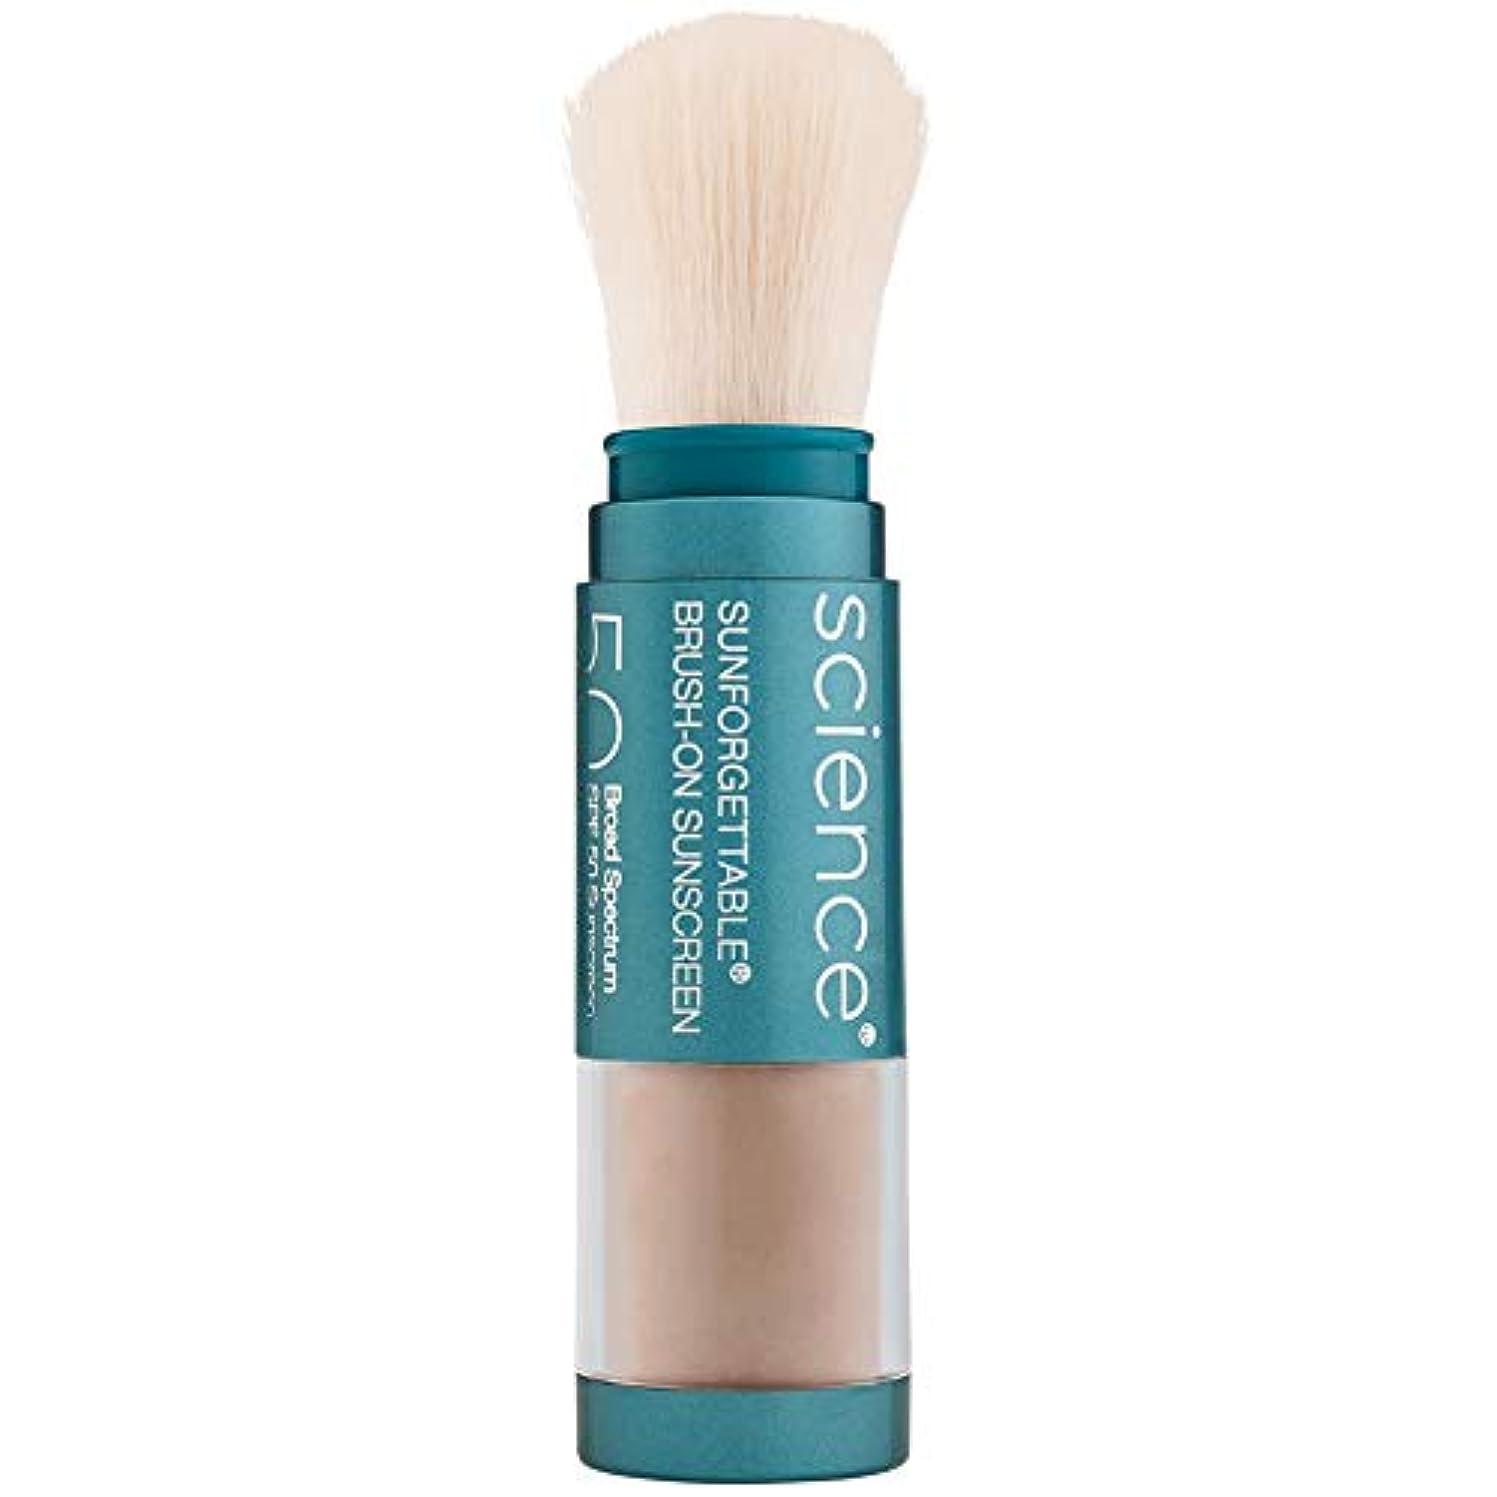 絡まるシンクずっとSunforgettable Brush-On Sunscreen SPF 50 - Tan